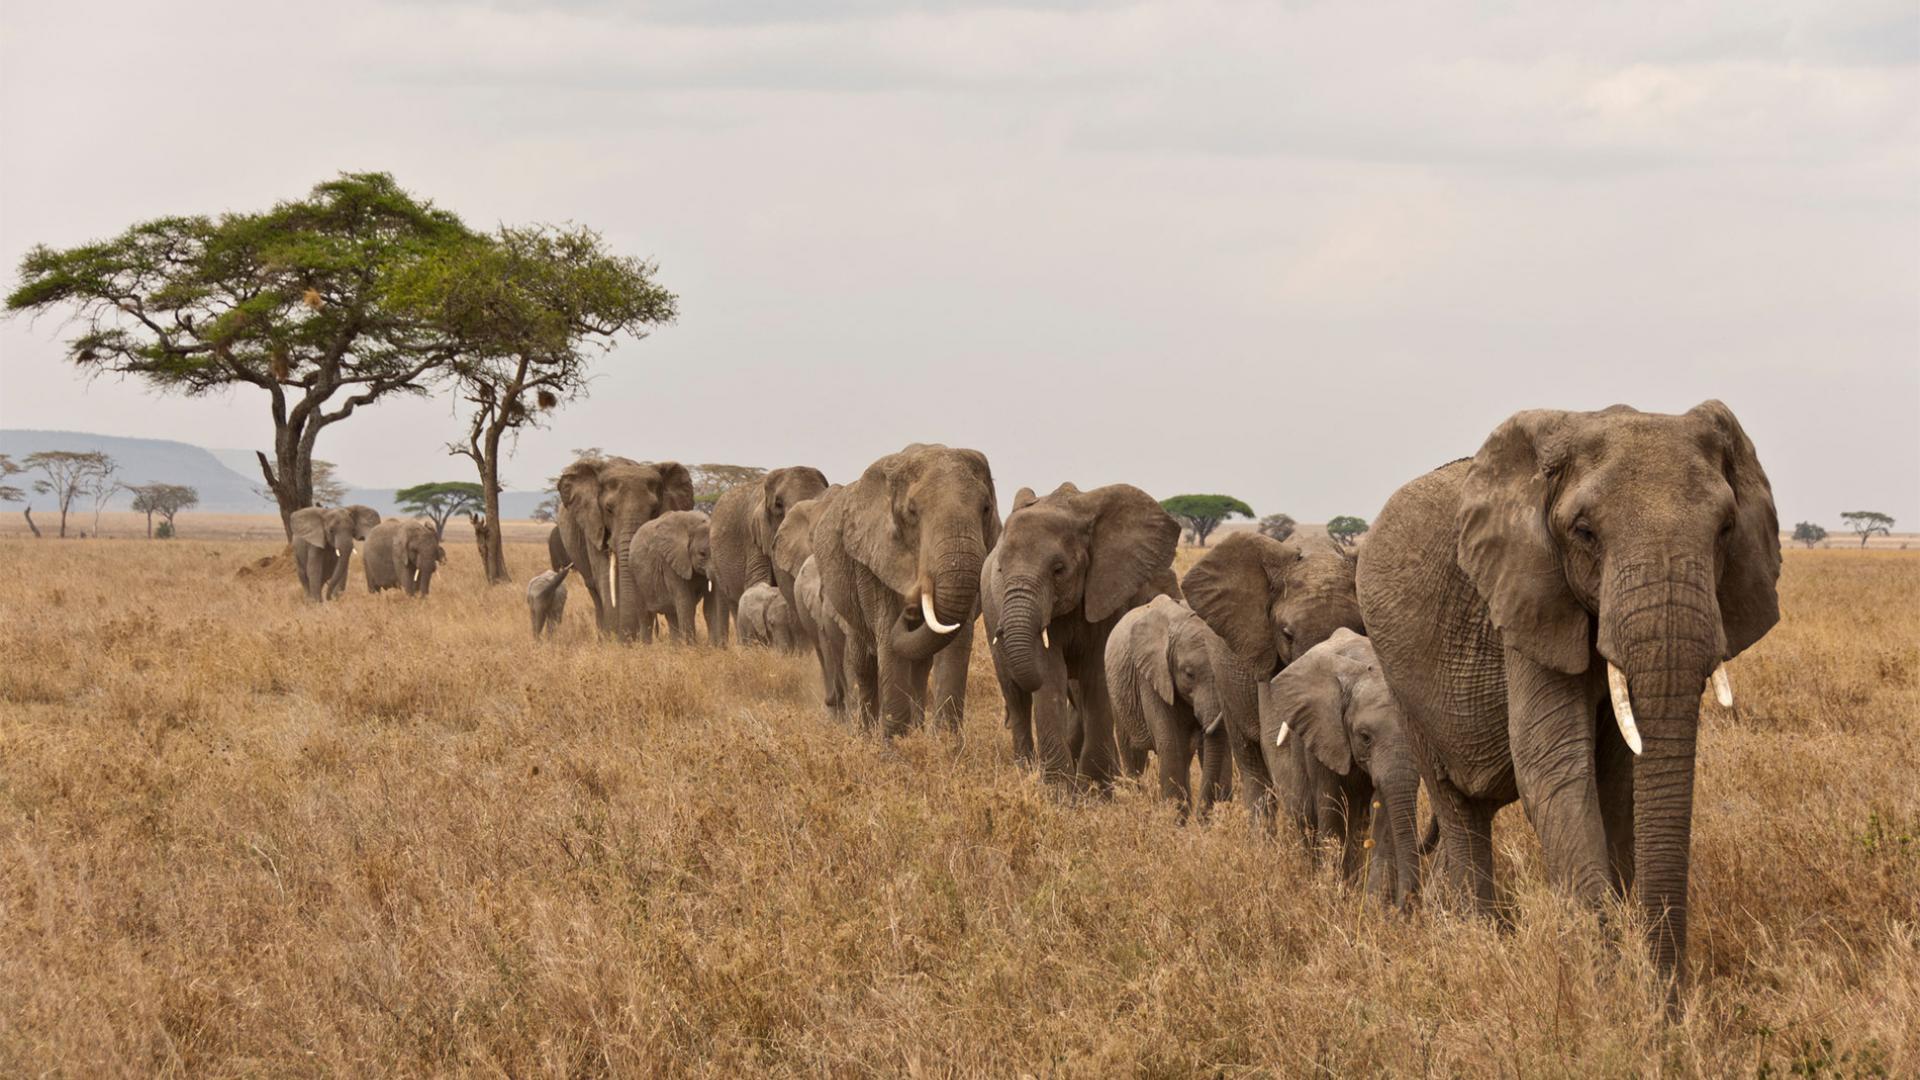 Elephant En Inde Signification les éléphants, des animaux menacés | wwf france